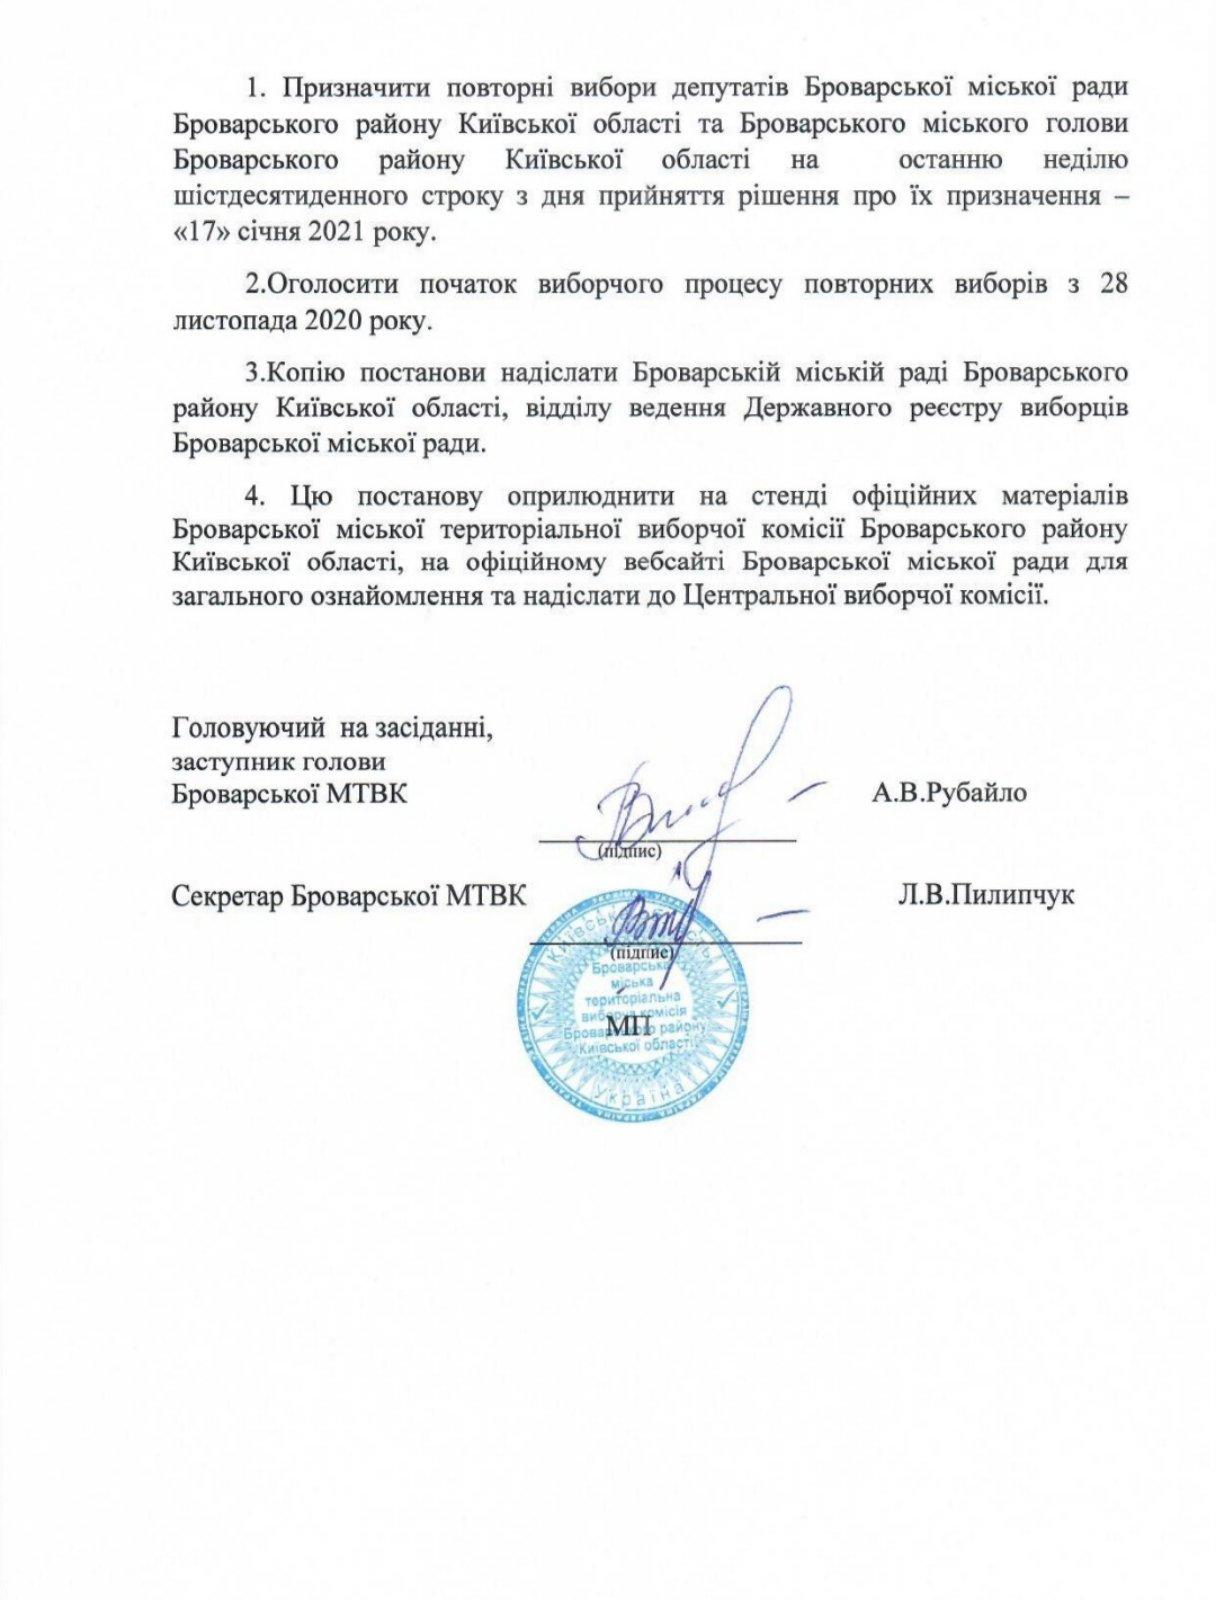 У Броварах депутатів міськради та голову ОТГ обиратимуть 17 січня 2021 року - ТВК - ТВК, місцеві вибори 2020, Броварська міська рада - yzobrazhenye viber 2020 11 24 11 31 40